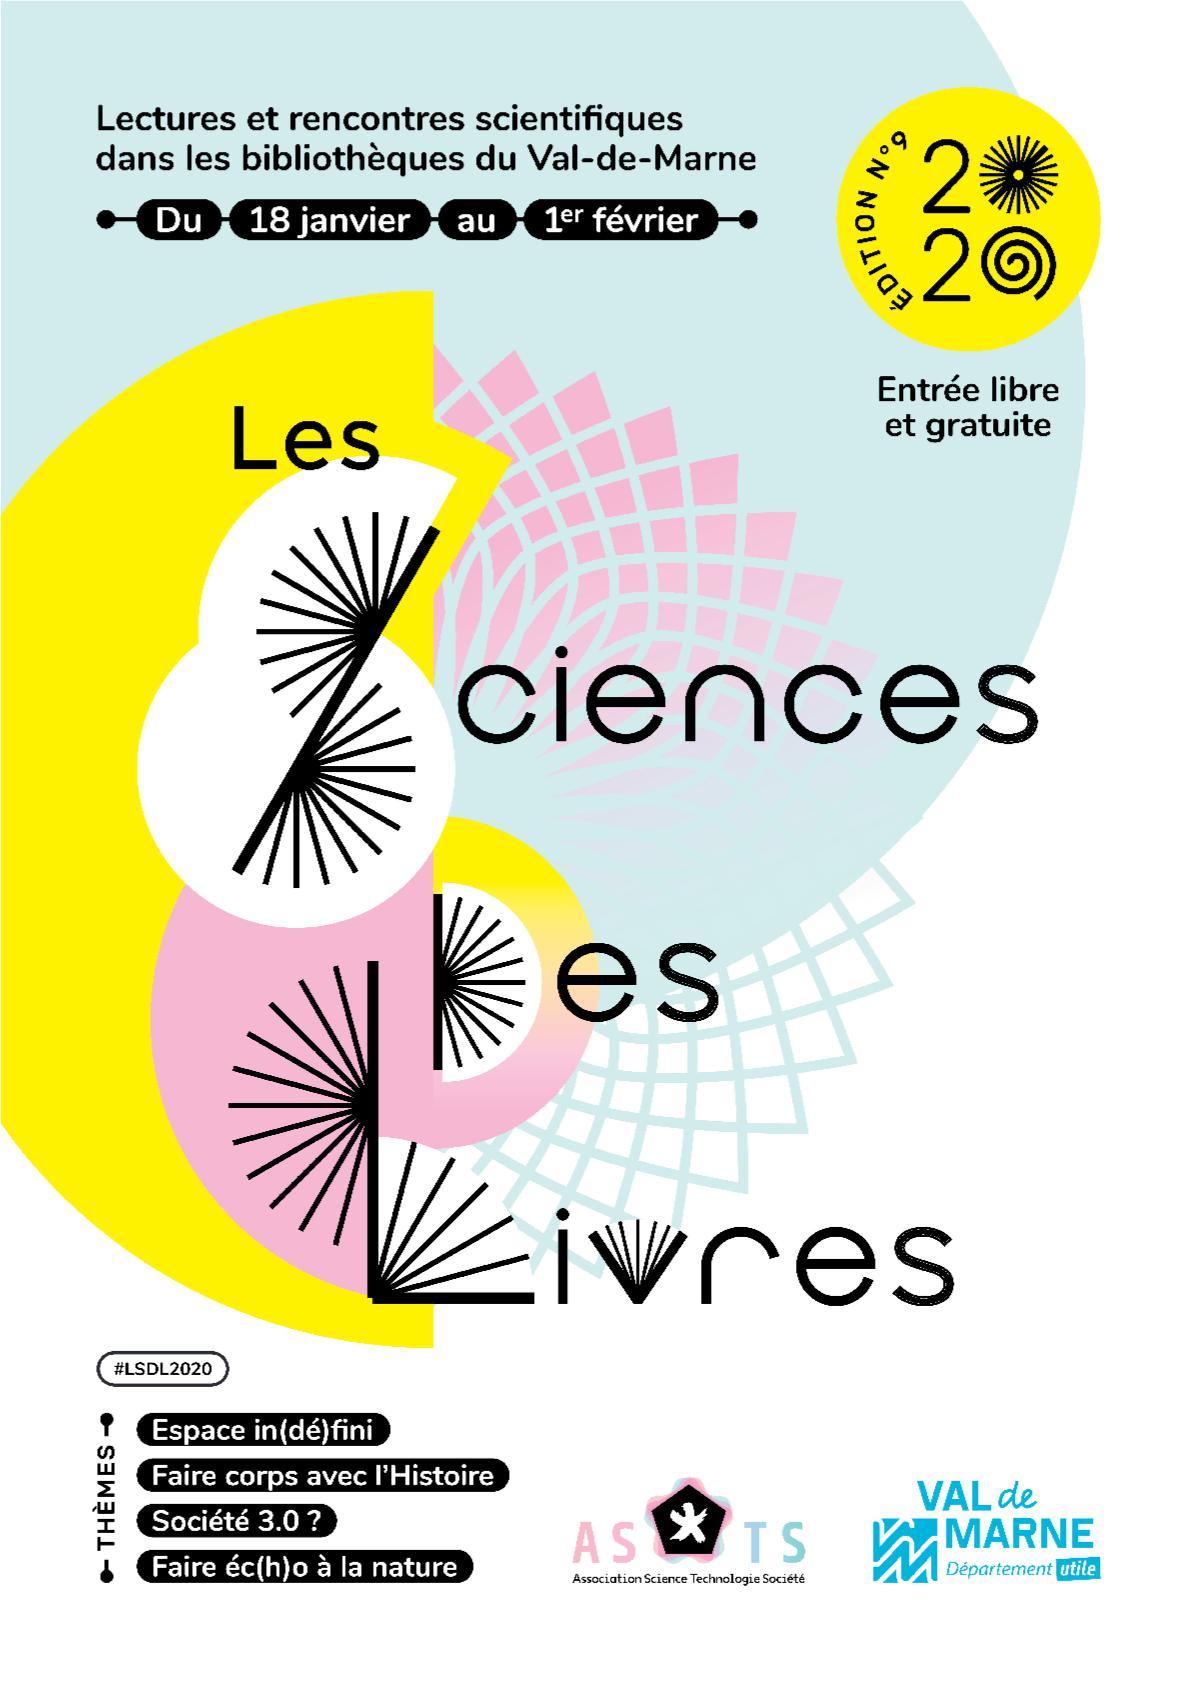 Bibliothèque De Fontenay Sous Bois sciences des livres 2020 : rencontres et débats dans les